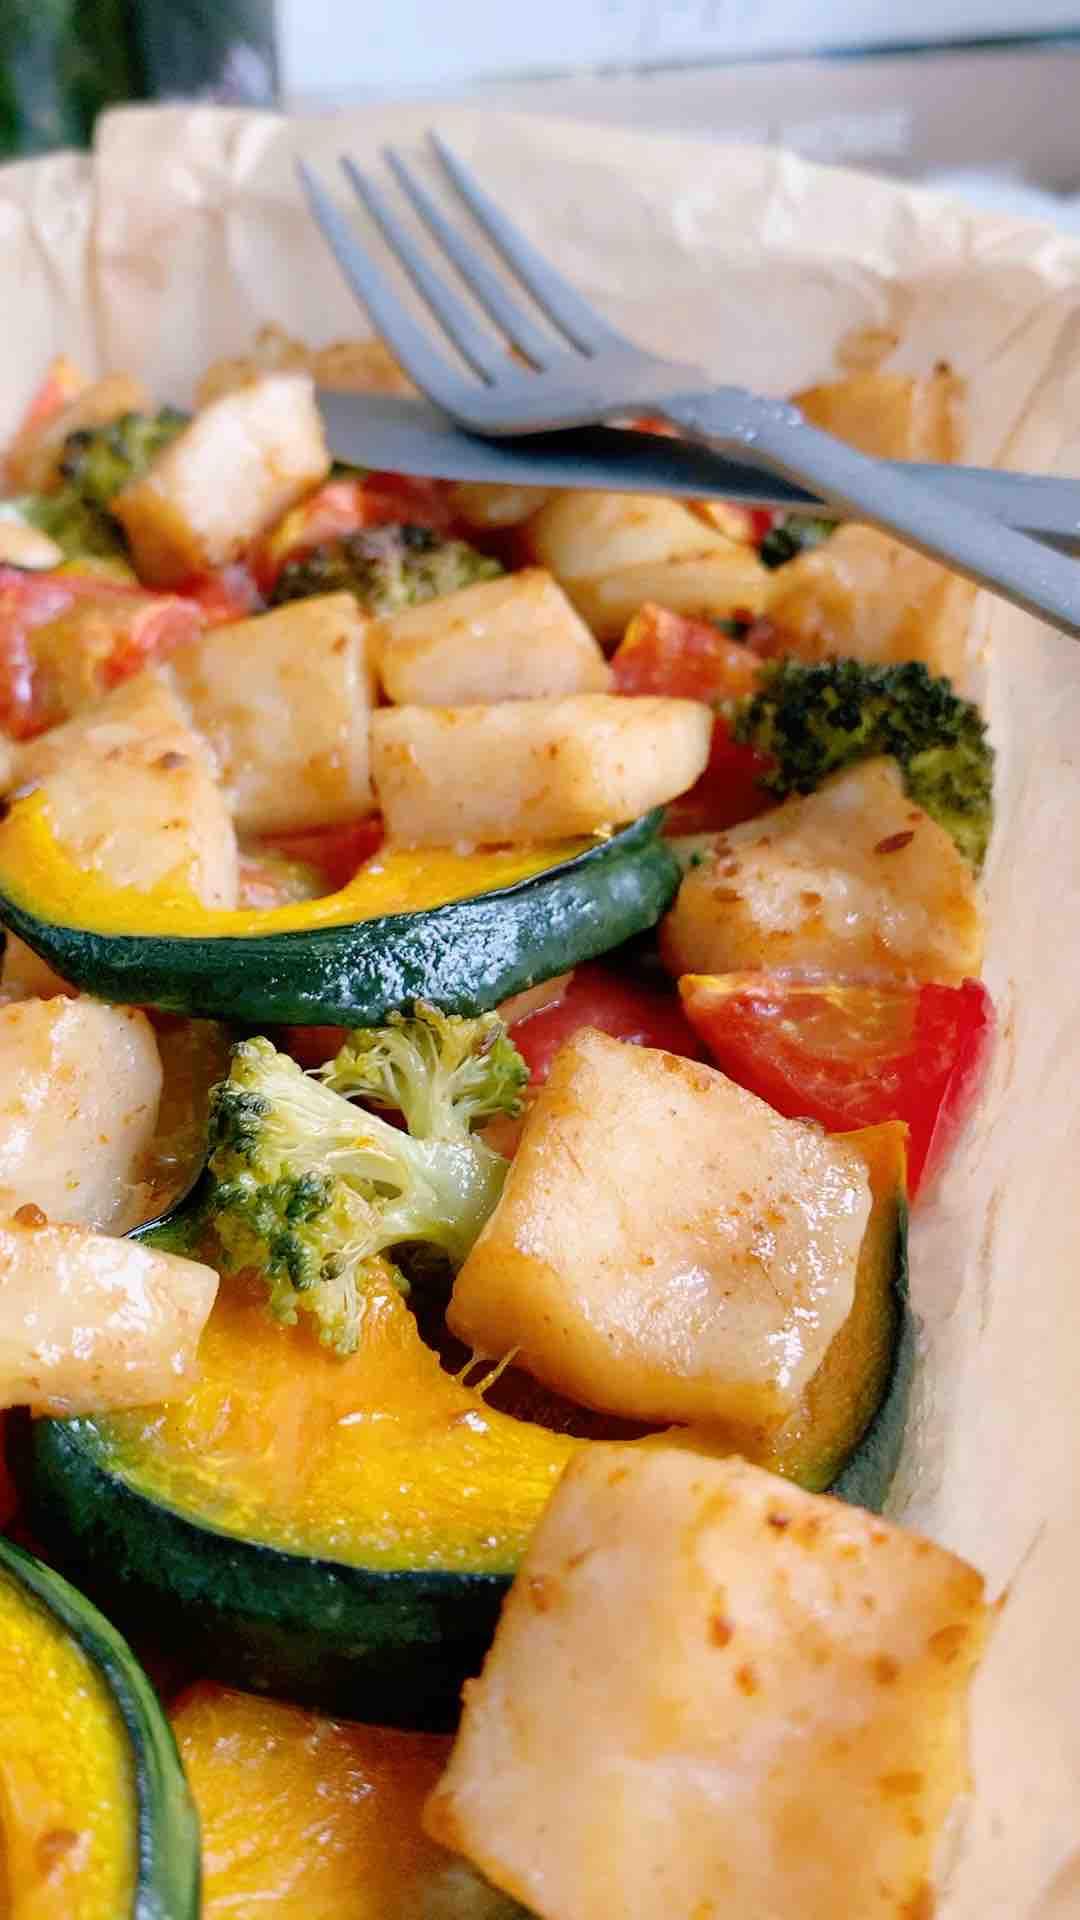 减肥最爱吃的龙利鱼烤南瓜